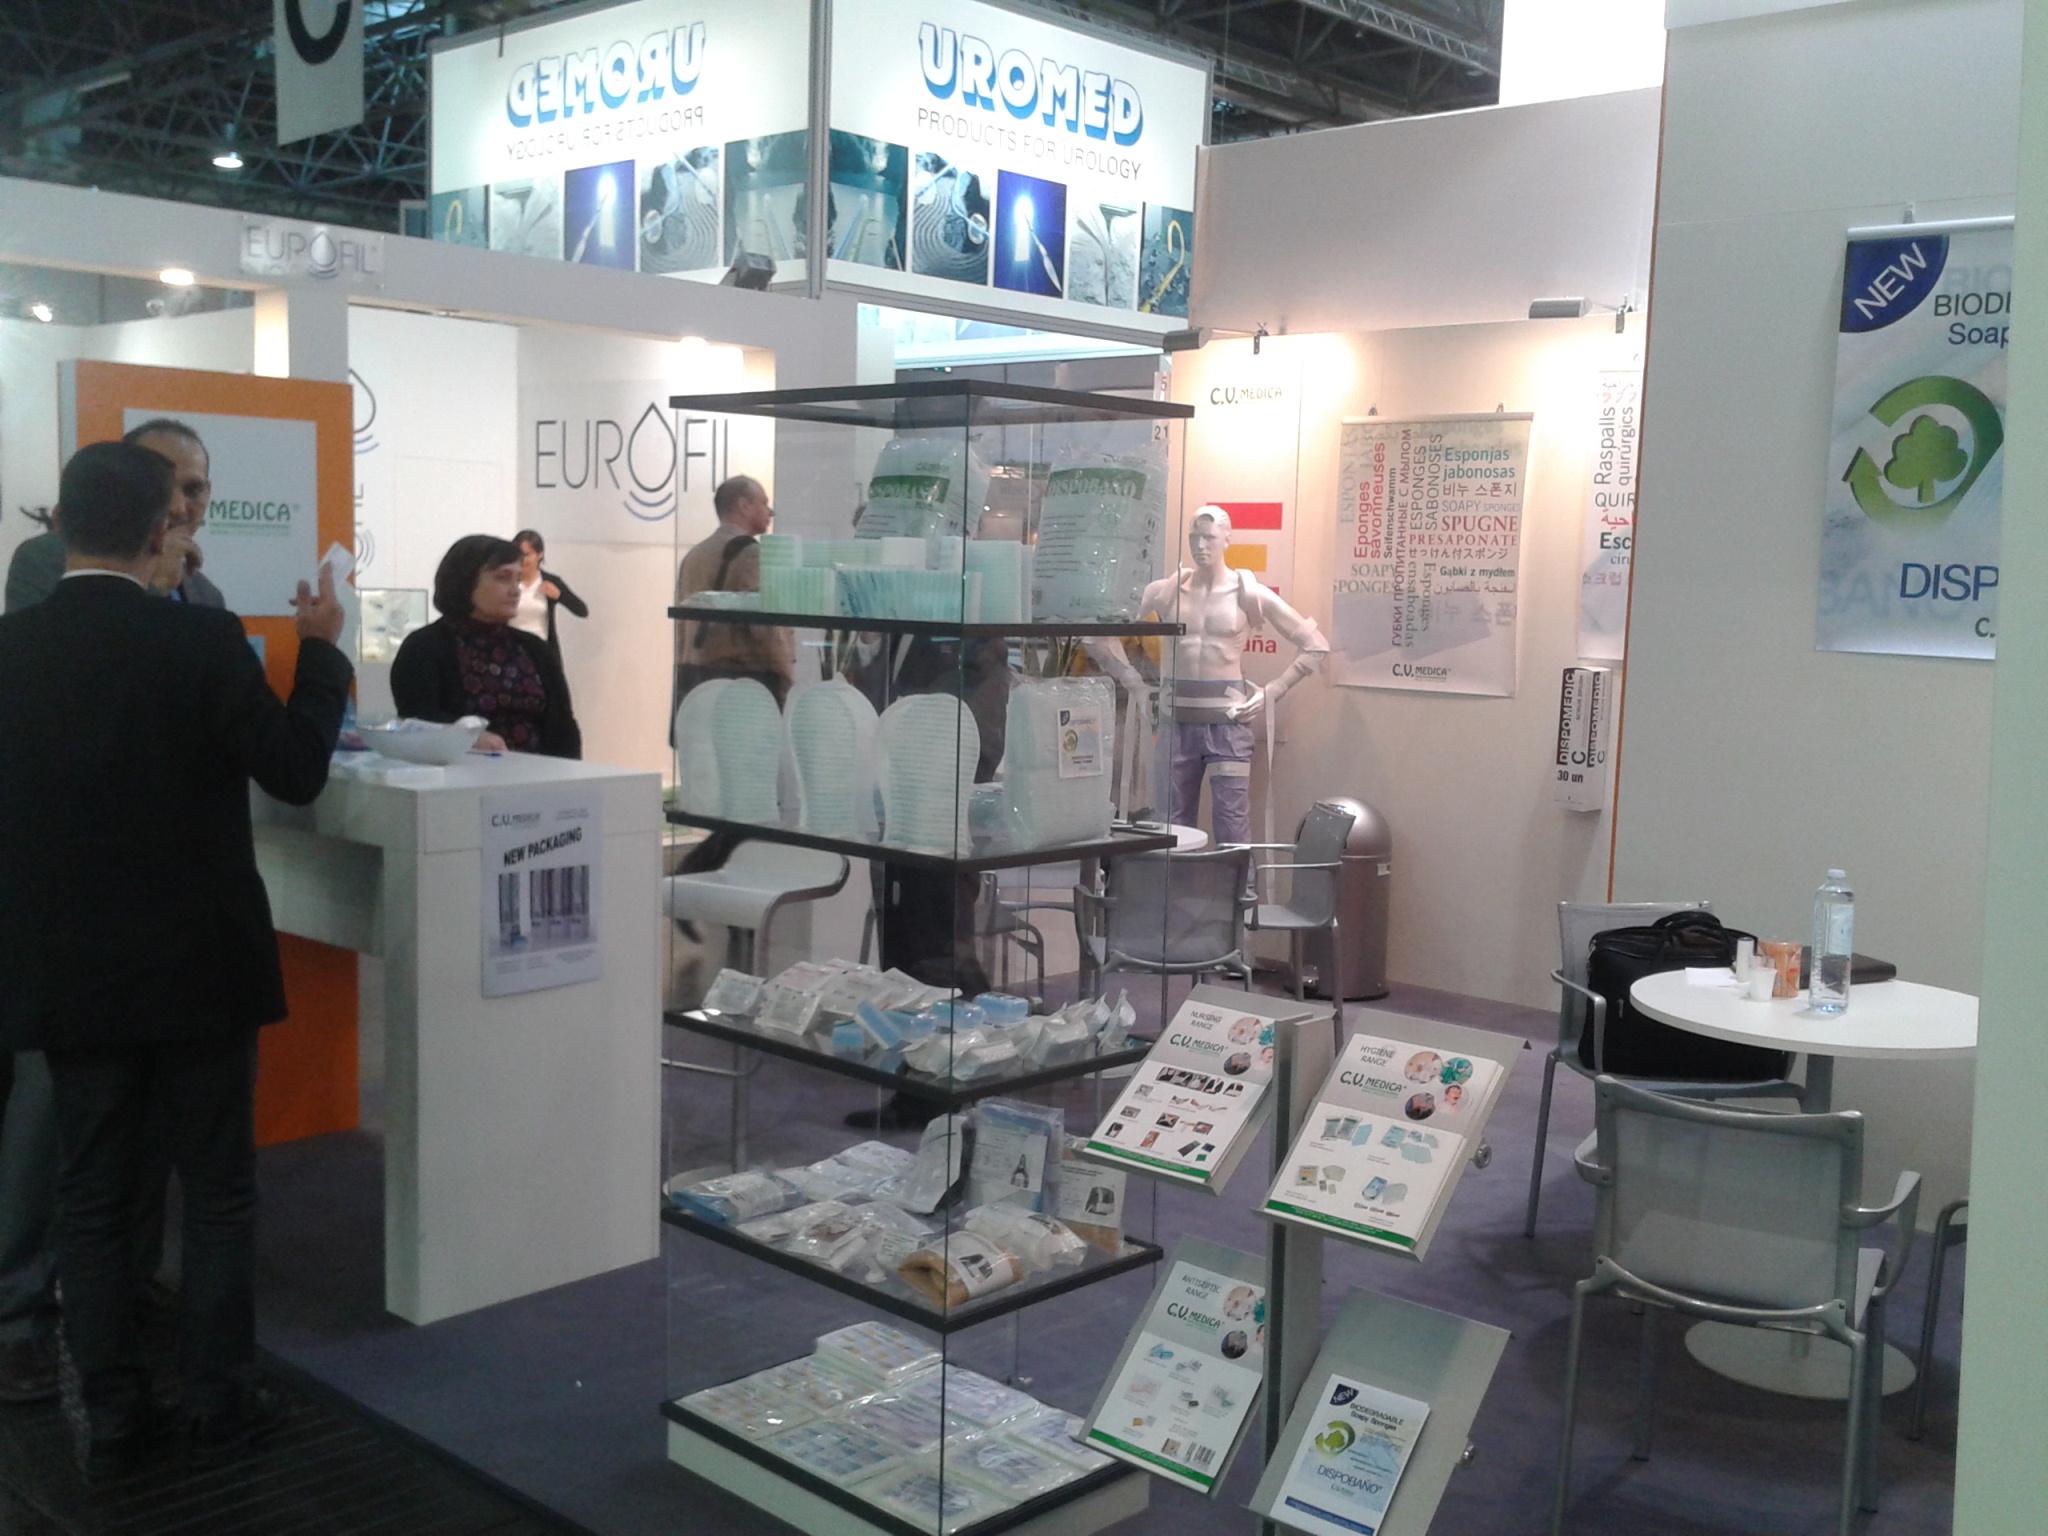 Expositores en Medica 2012, Düsseldorf, Alemania